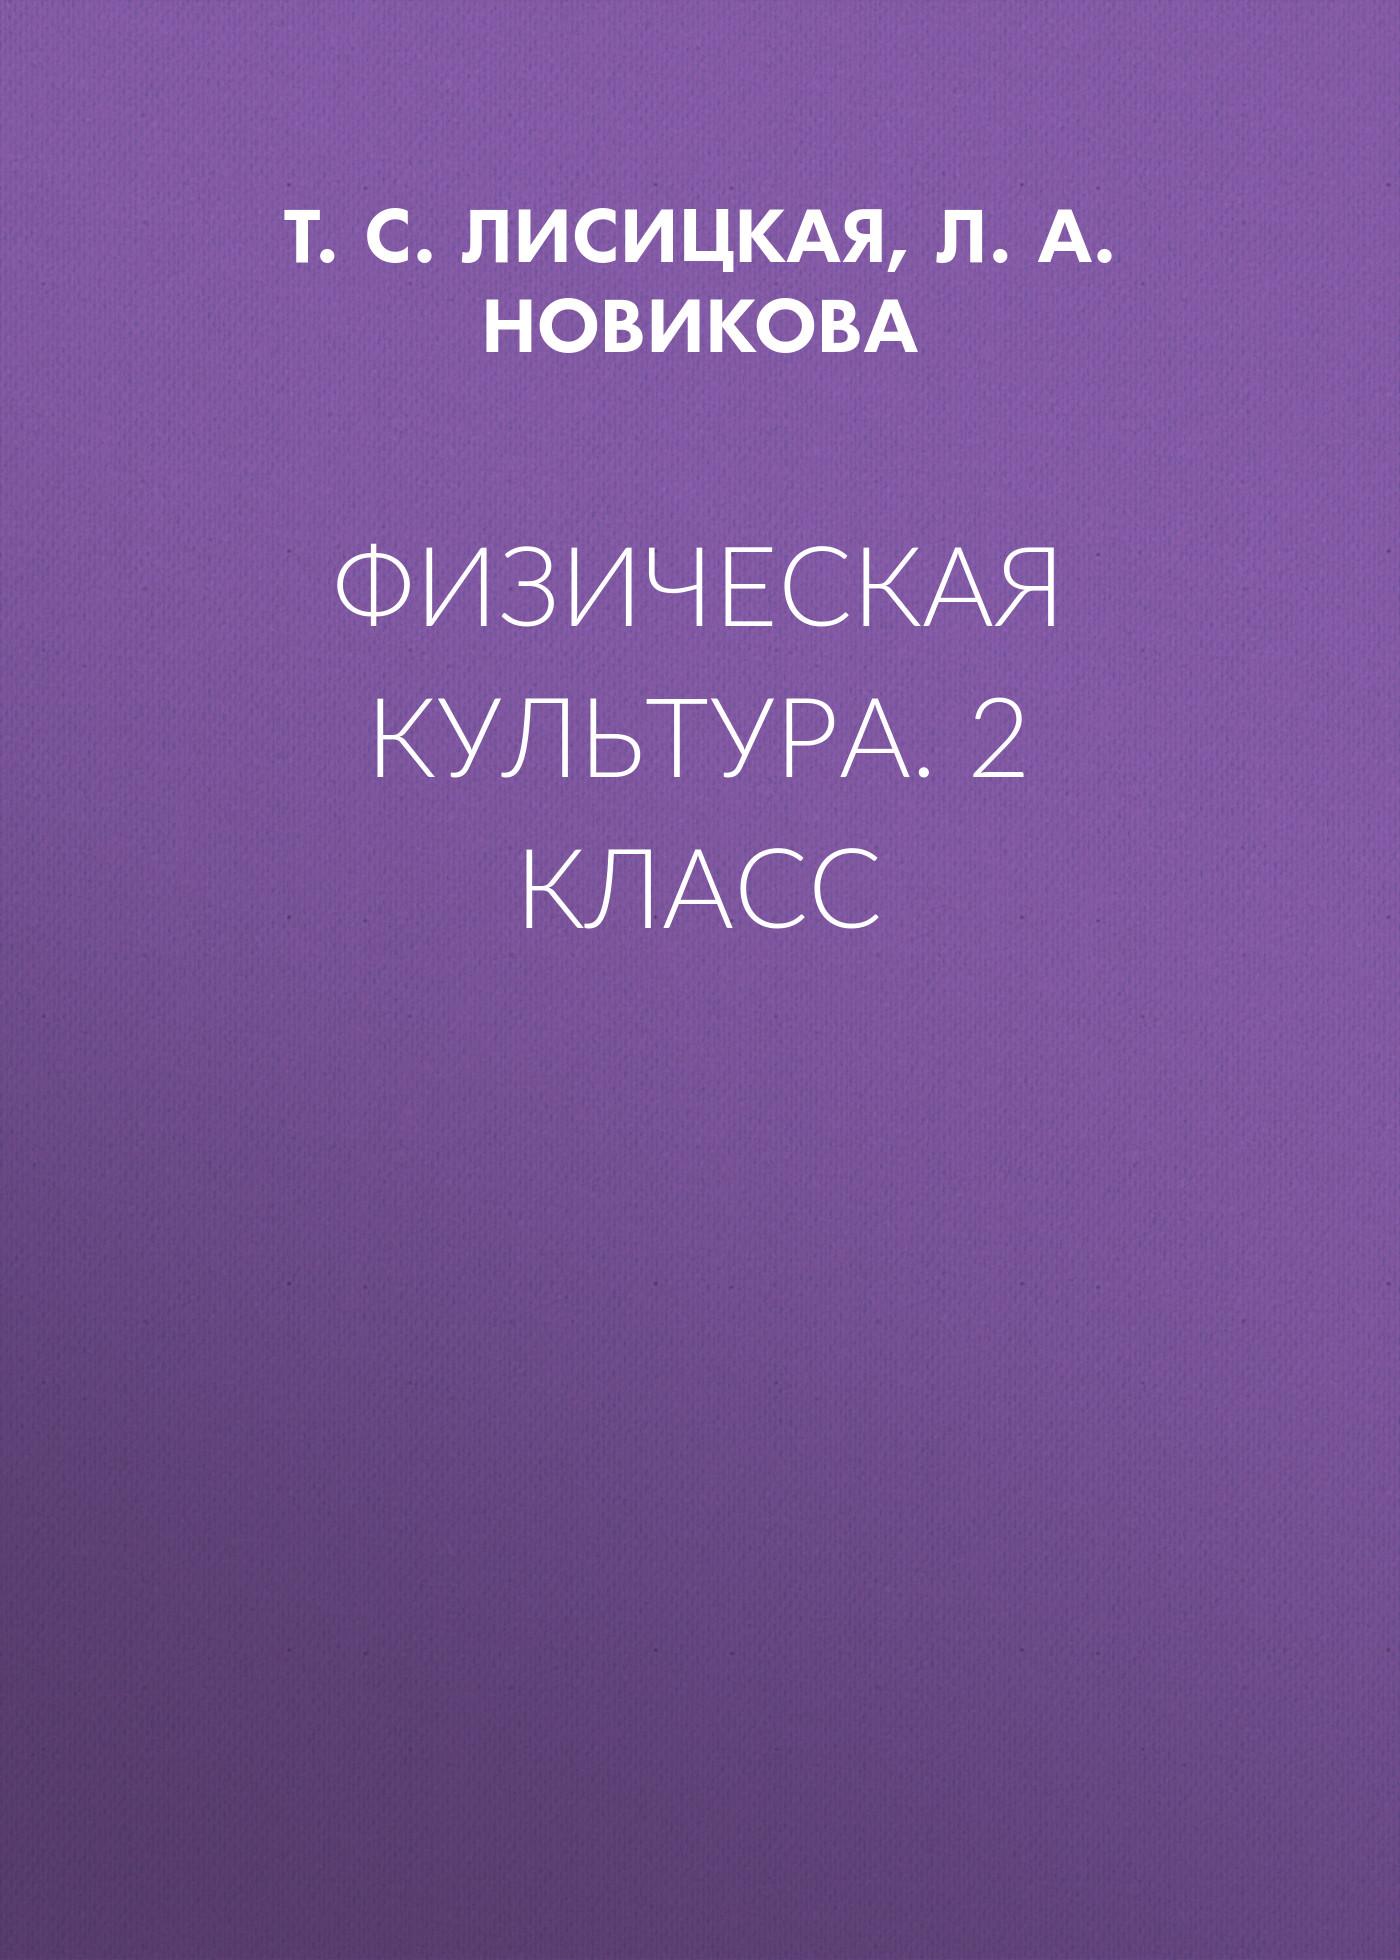 Т. С. Лисицкая Физическая культура. 2 класс лисицкая т с физическая культура 2 класс методическое пособие